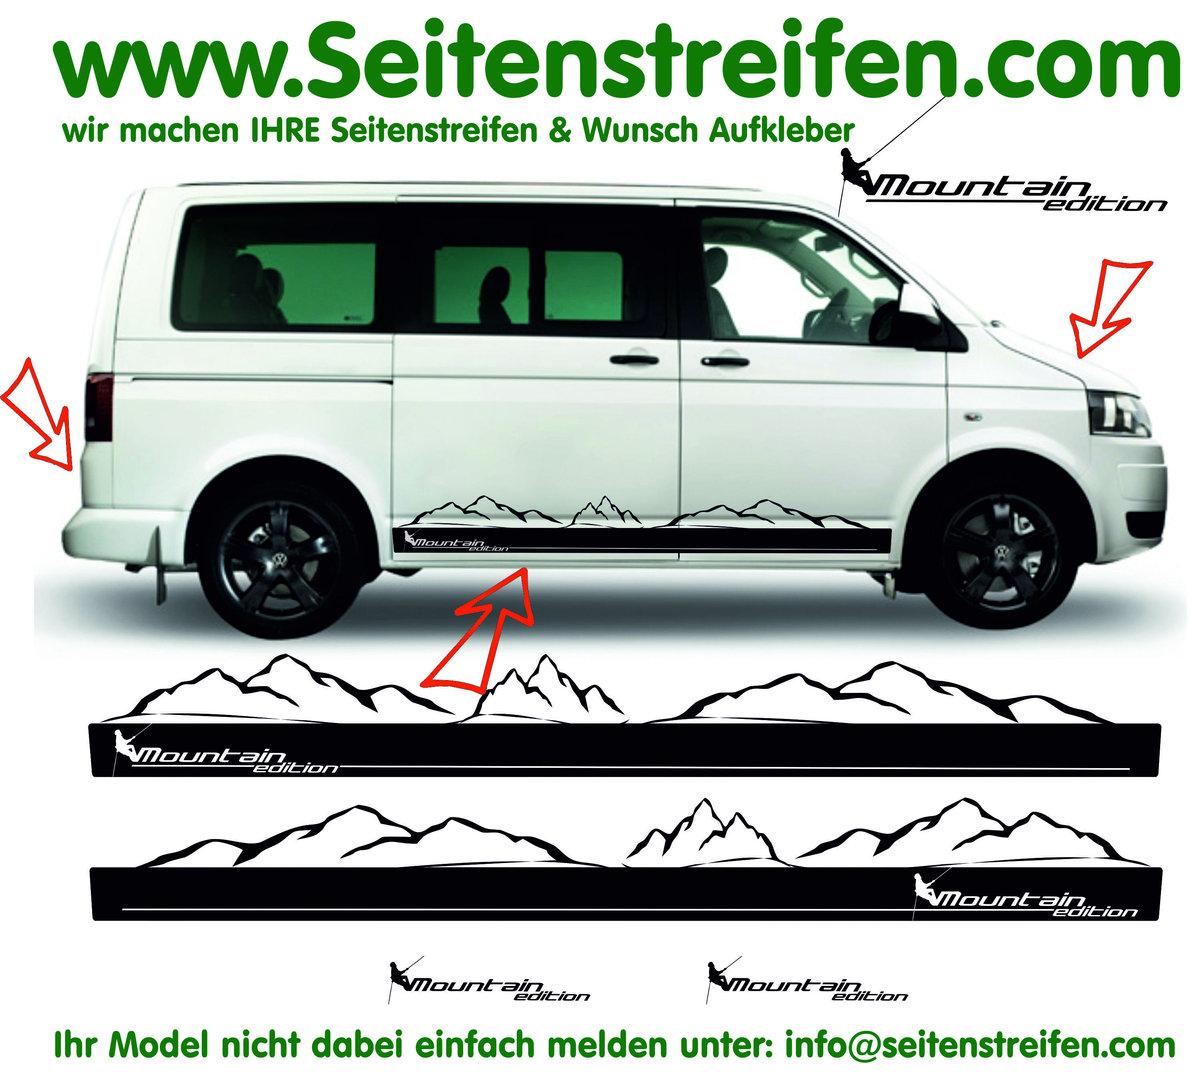 Vw Bus T4 T5 T6 Mountain Edition Mit Bergpanorama Seitenstreifen